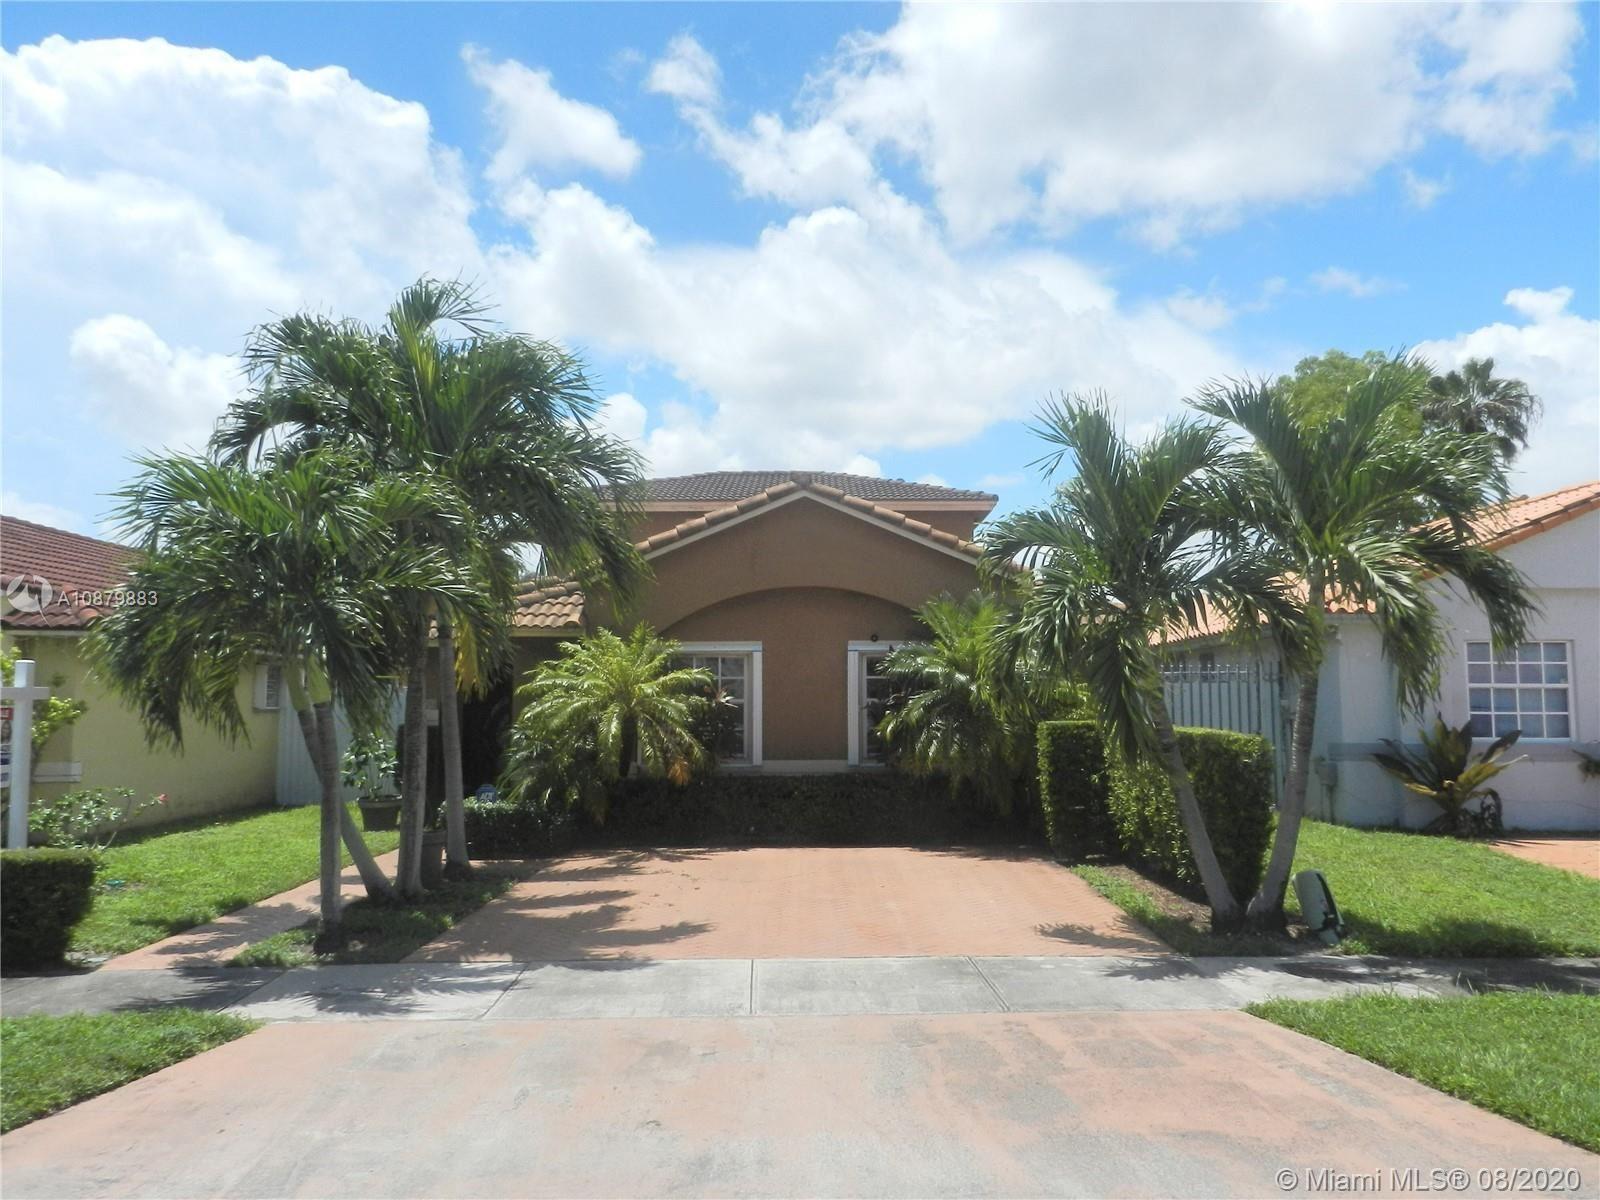 7580 W 4th Ave, Hialeah, FL 33014 - #: A10879883